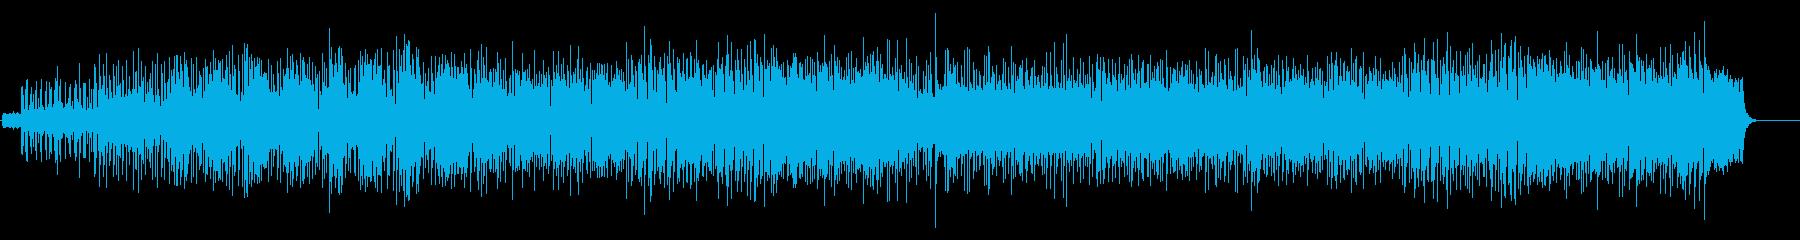 躍動感、勢い、生TP&EG、シンセメロの再生済みの波形